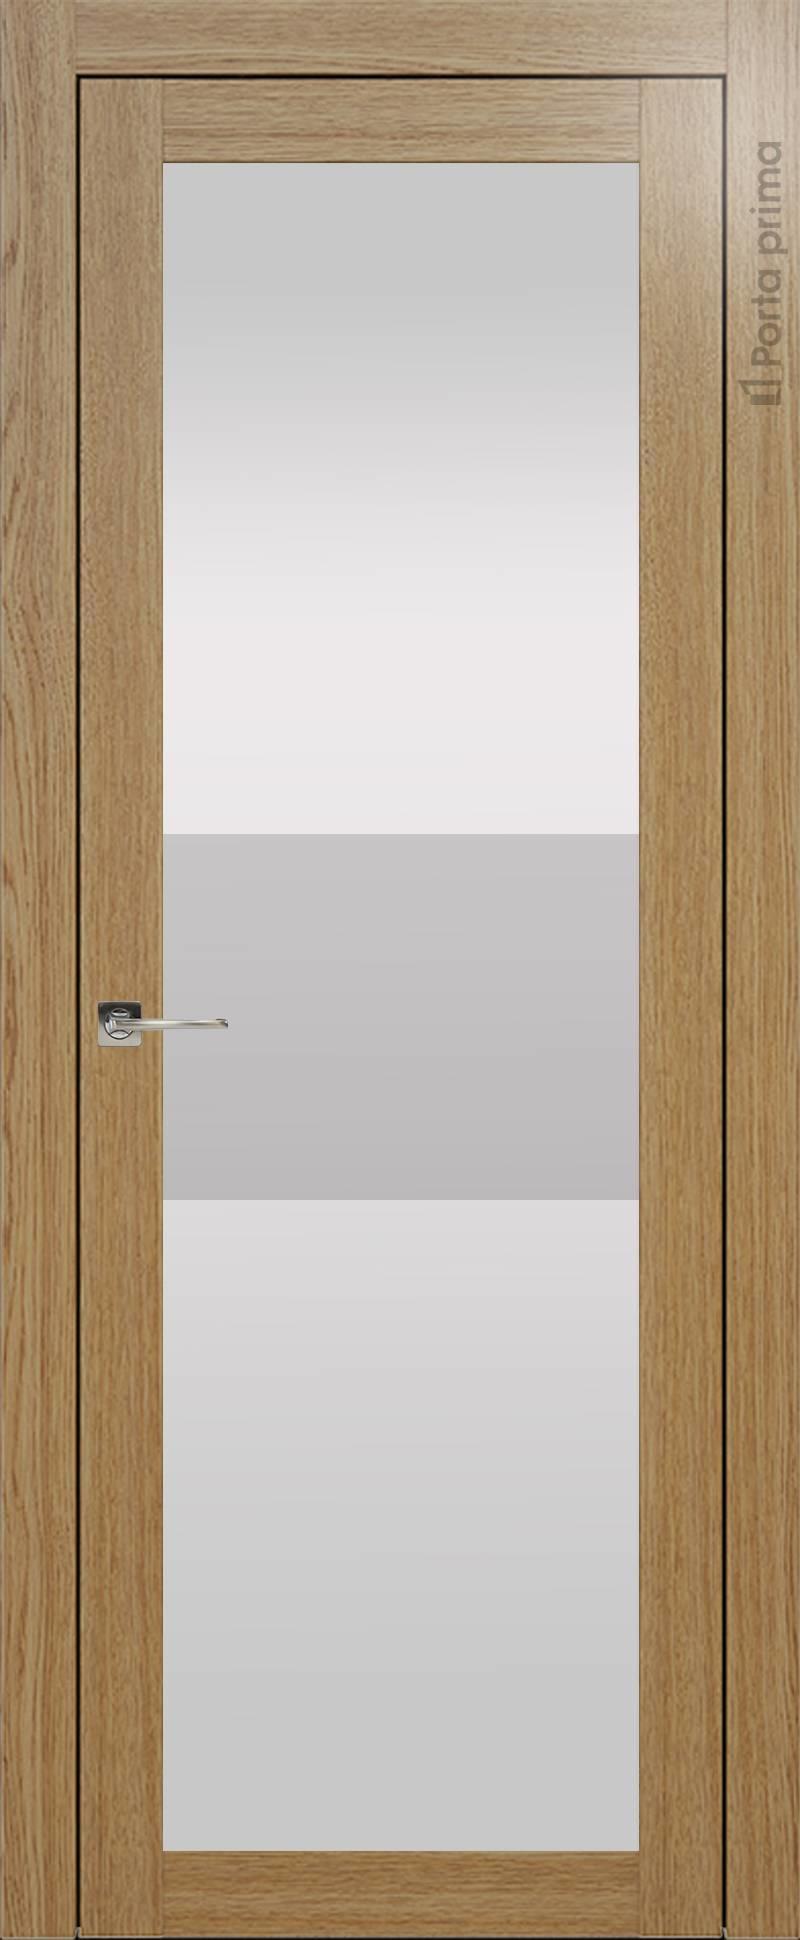 Tivoli З-4 цвет - Дуб карамель Со стеклом (ДО)